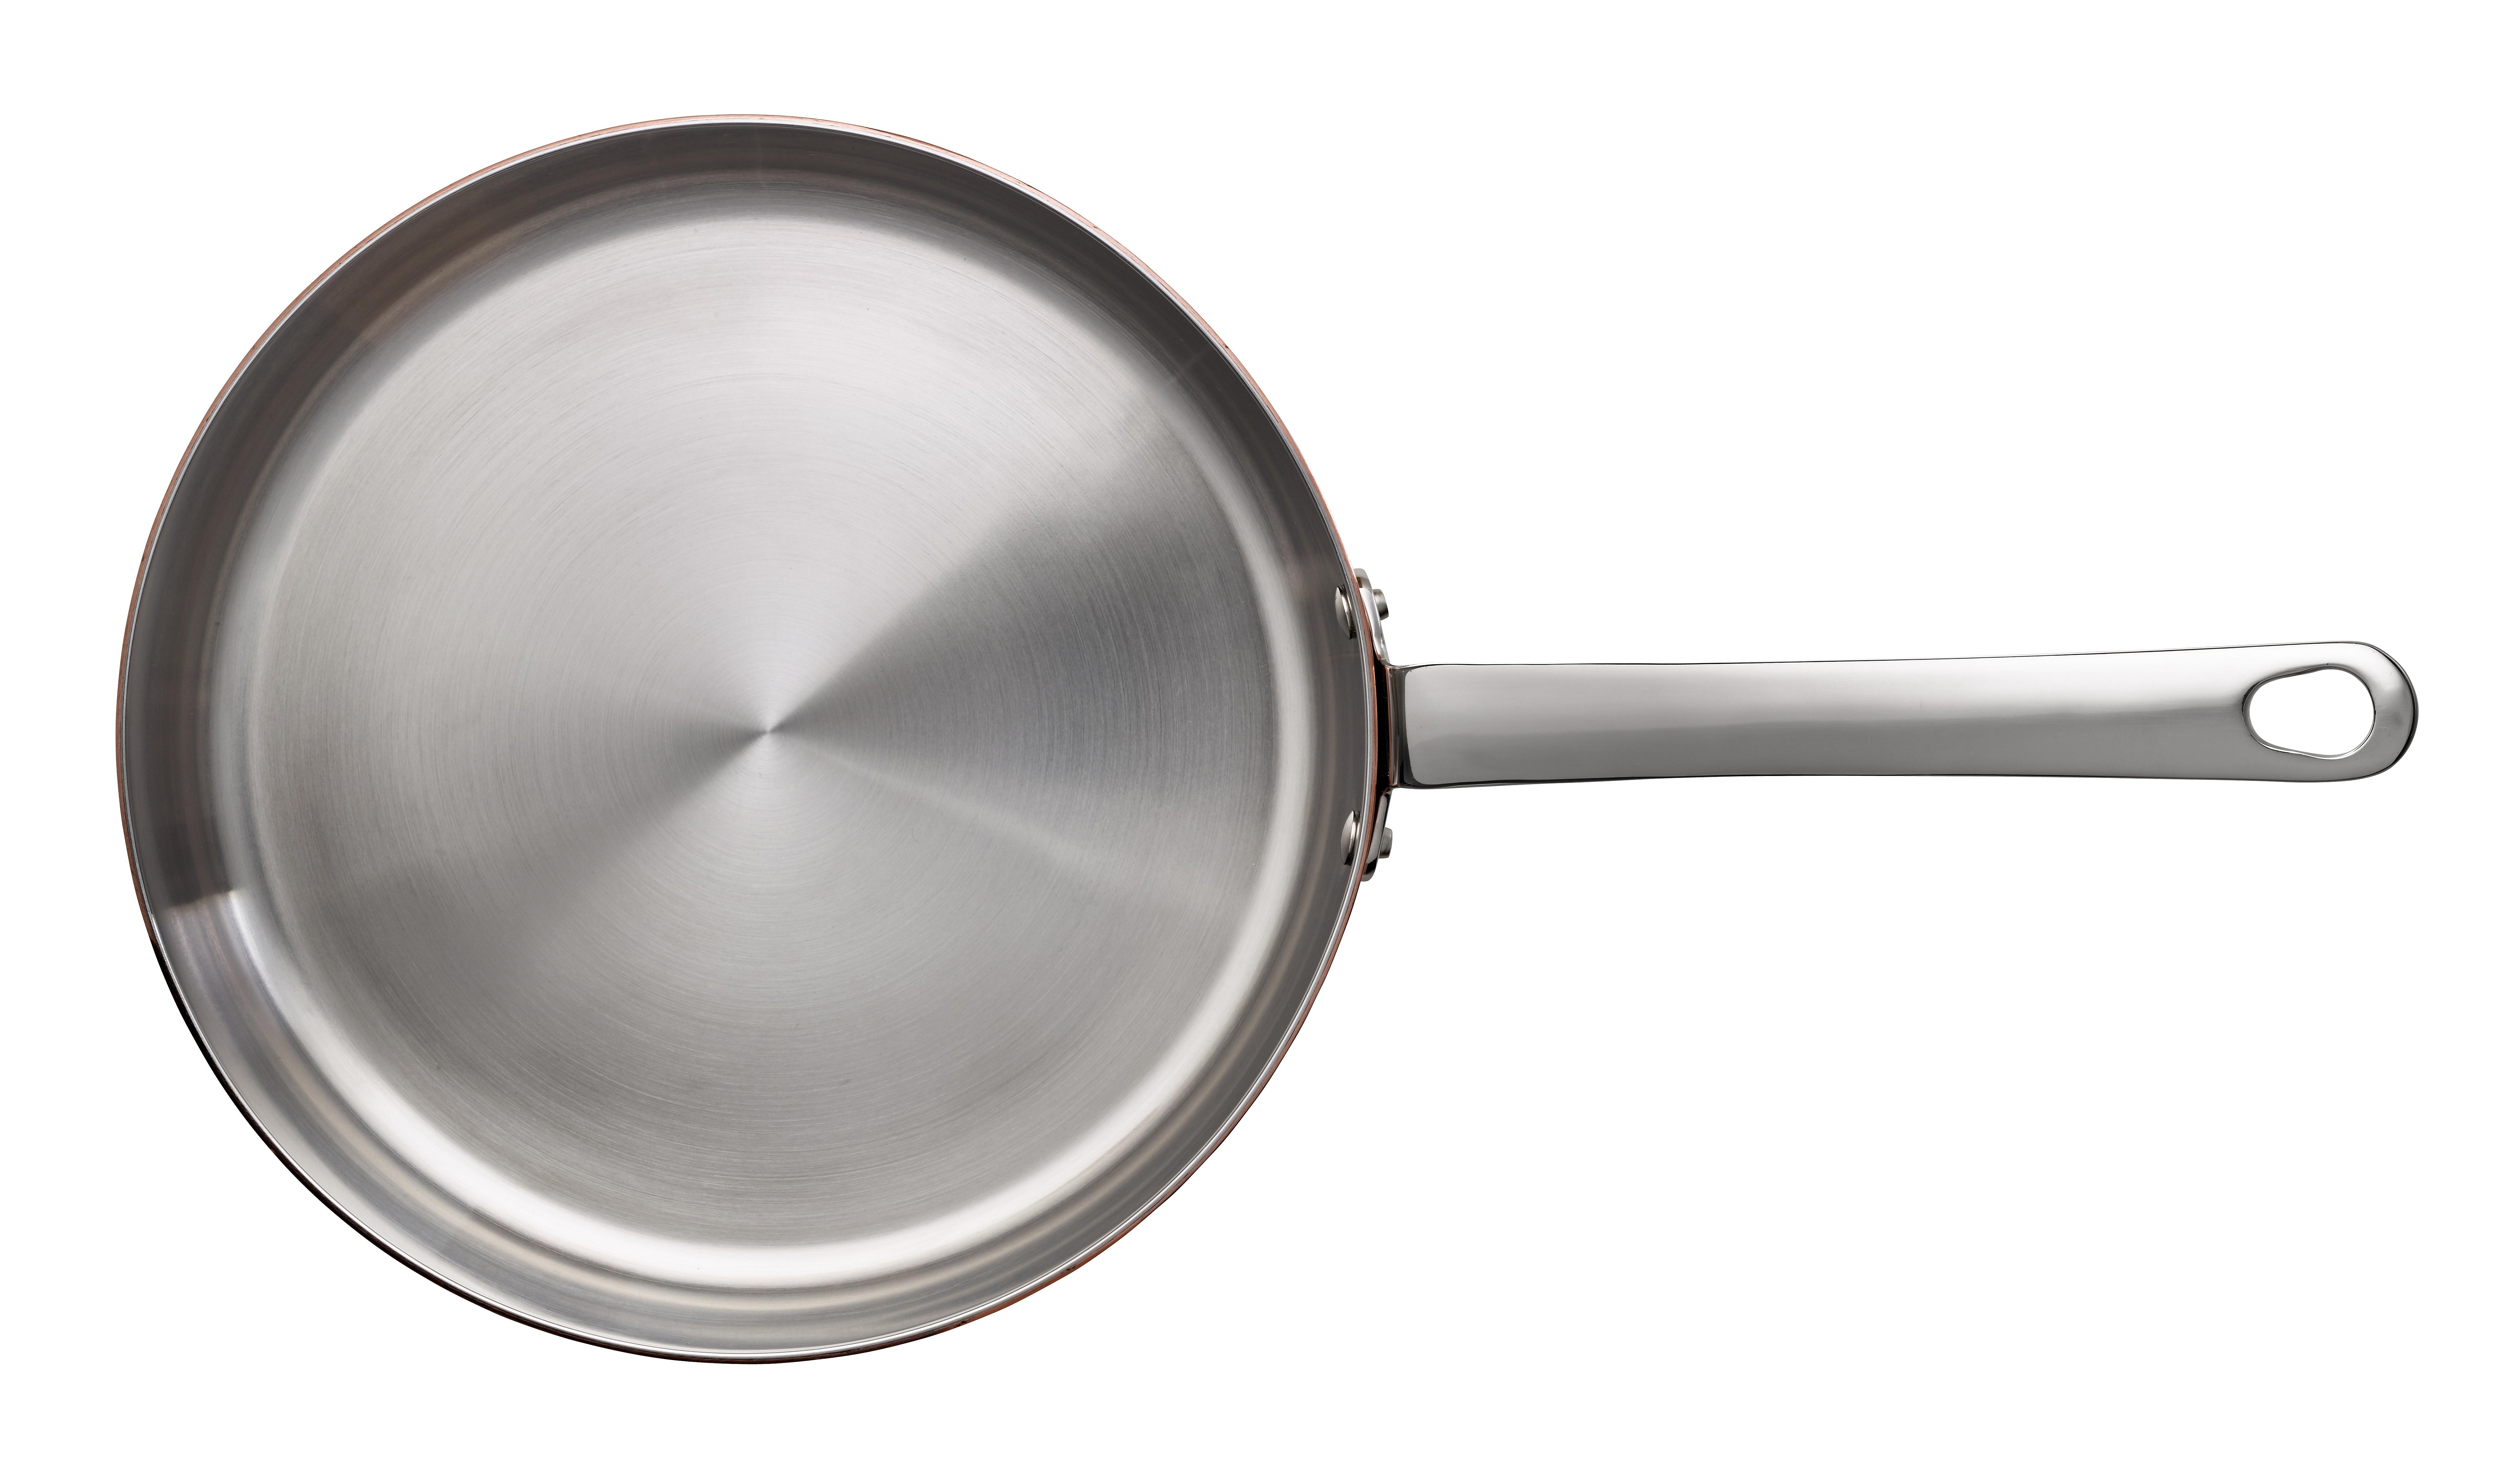 26 cmSautéPan -Maitre D Induction, 26cm